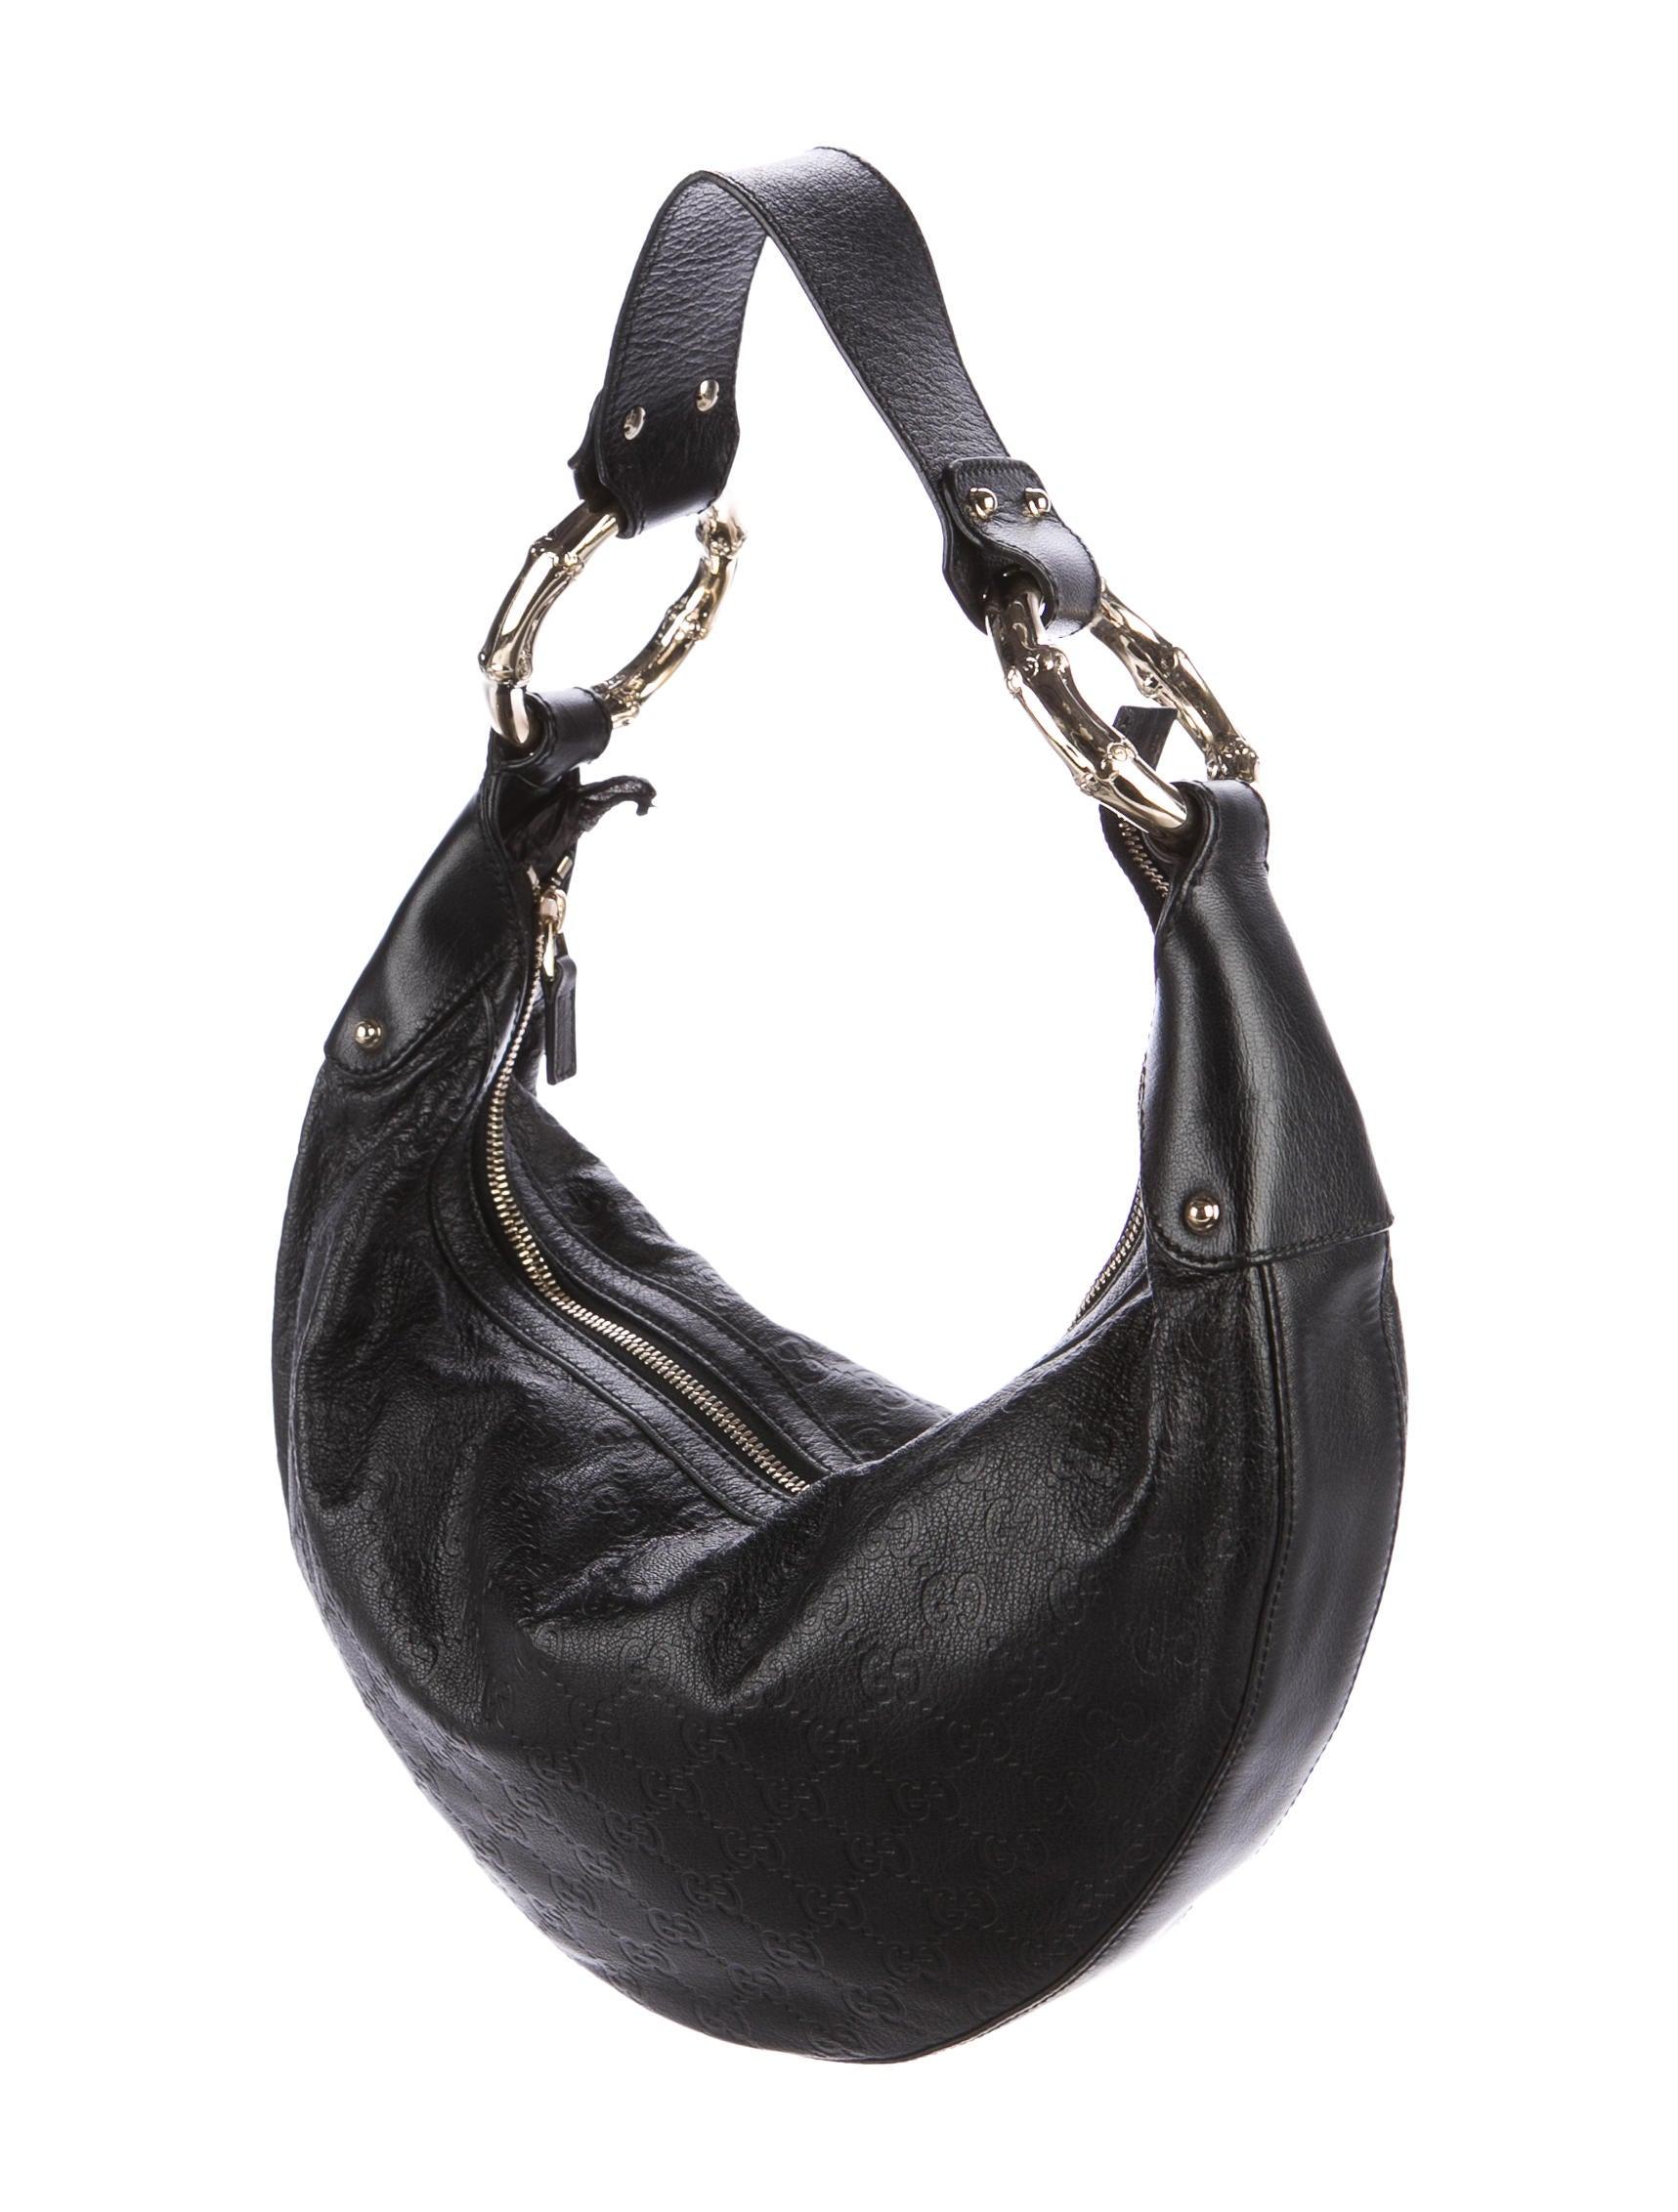 5e38de584880 Gucci Guccissima Leather Half Moon Hobo Bags   Stanford Center for ...